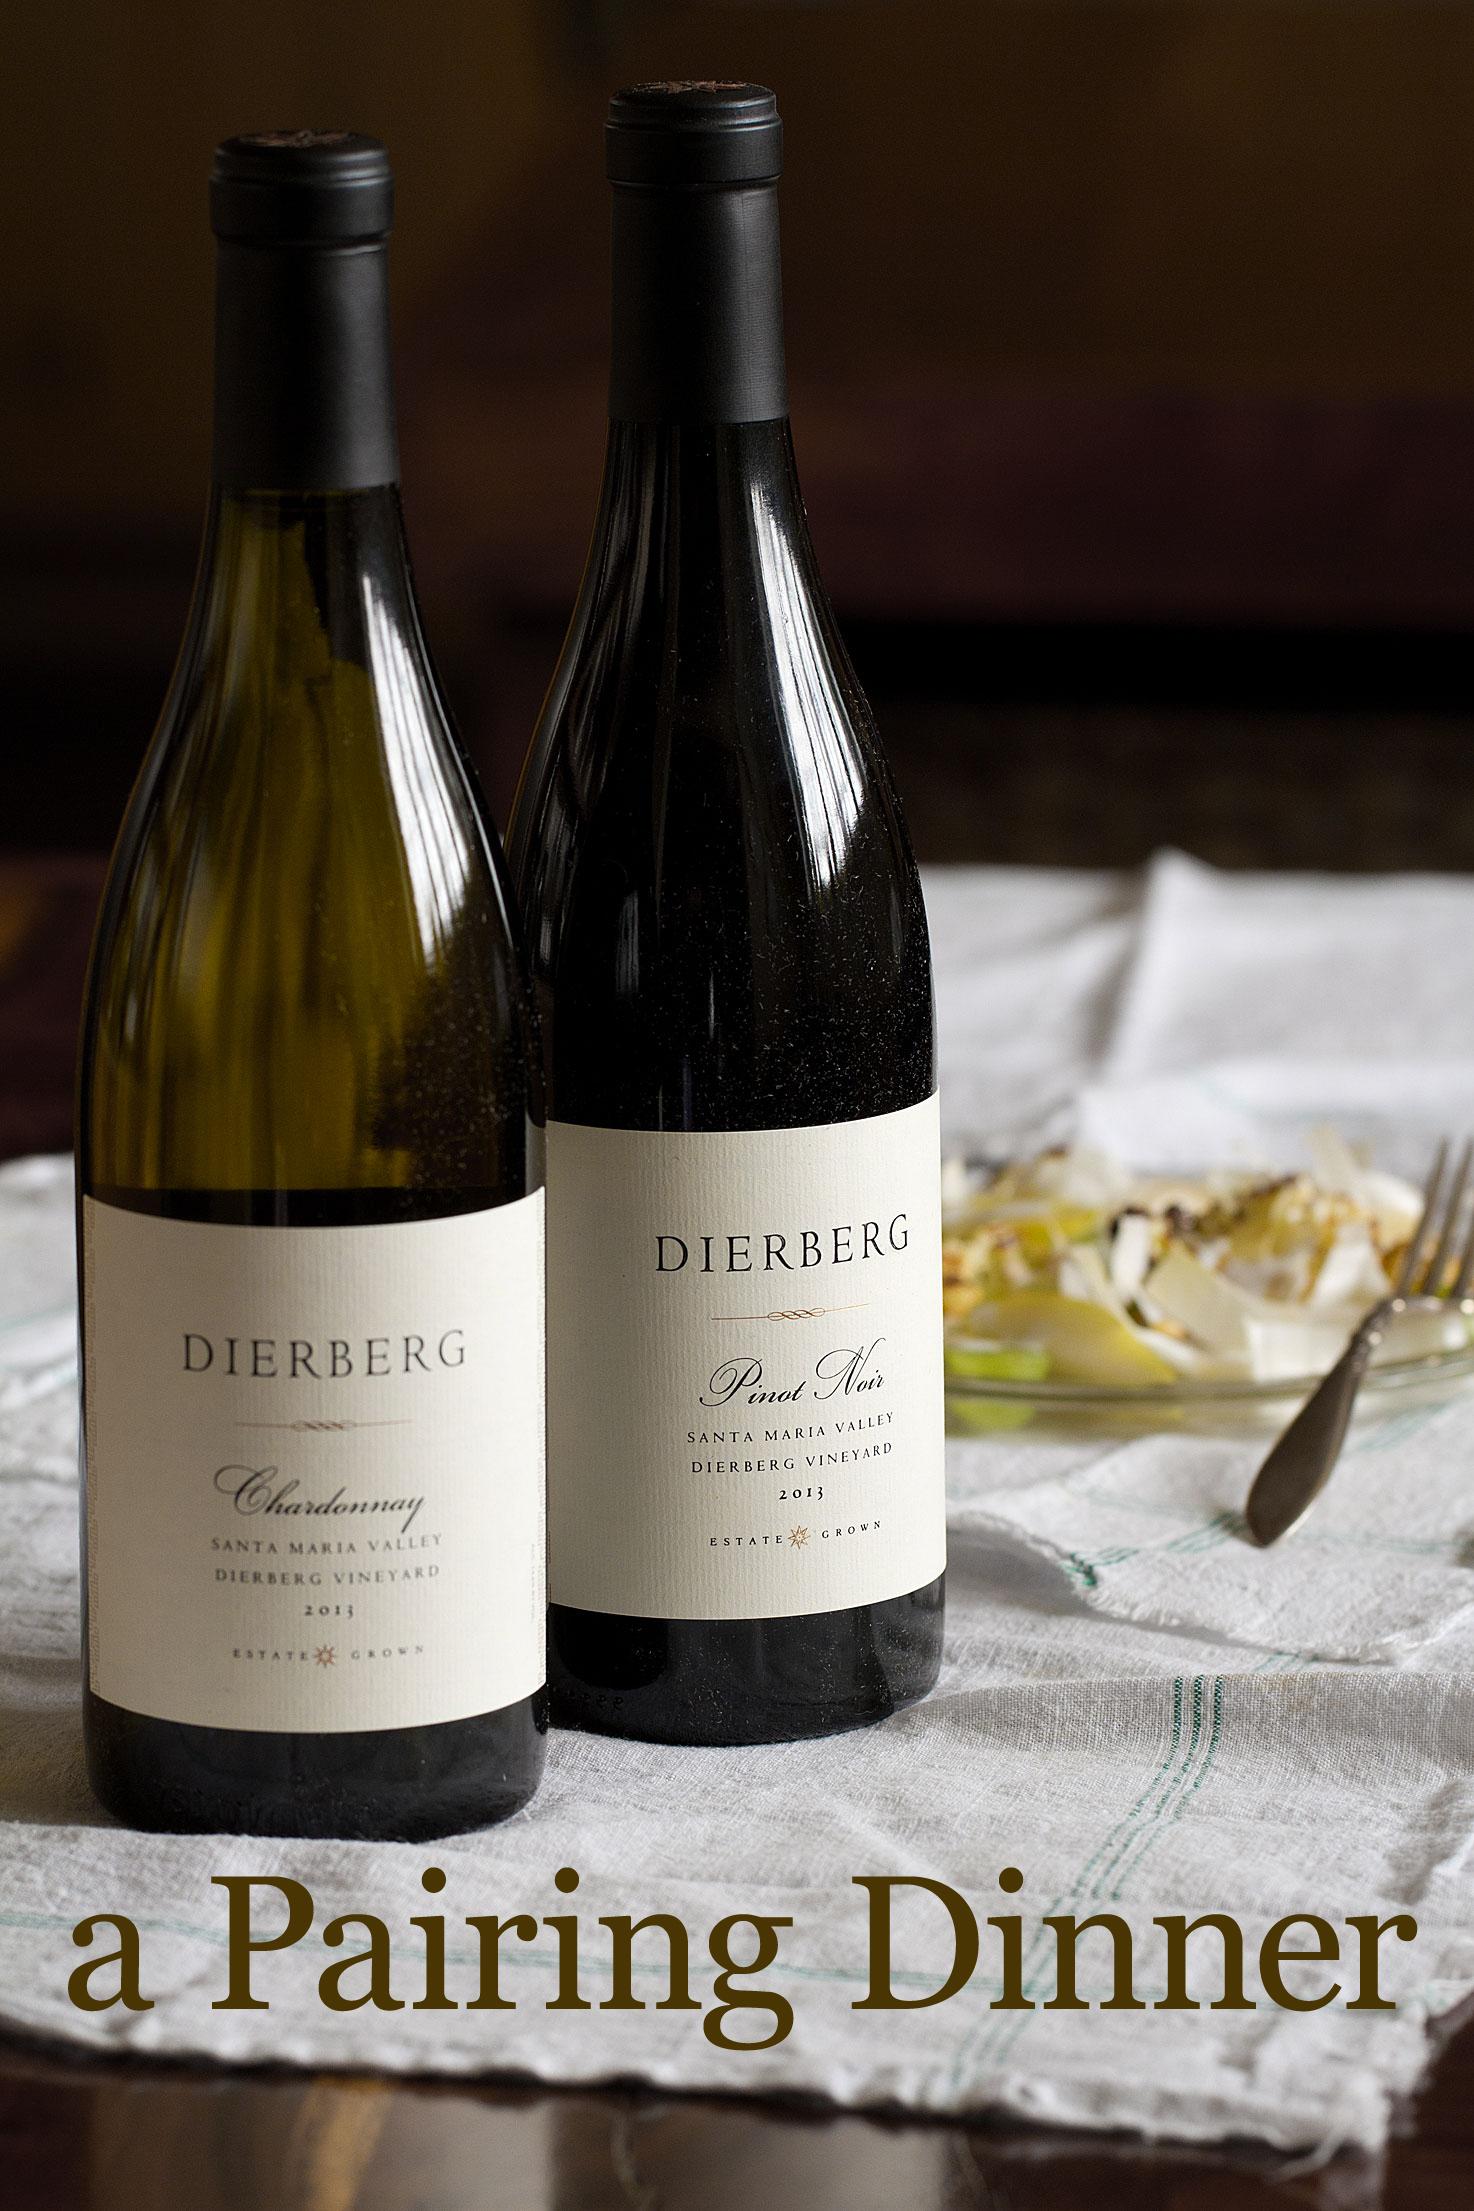 Dierberg Wine Pairing Meal